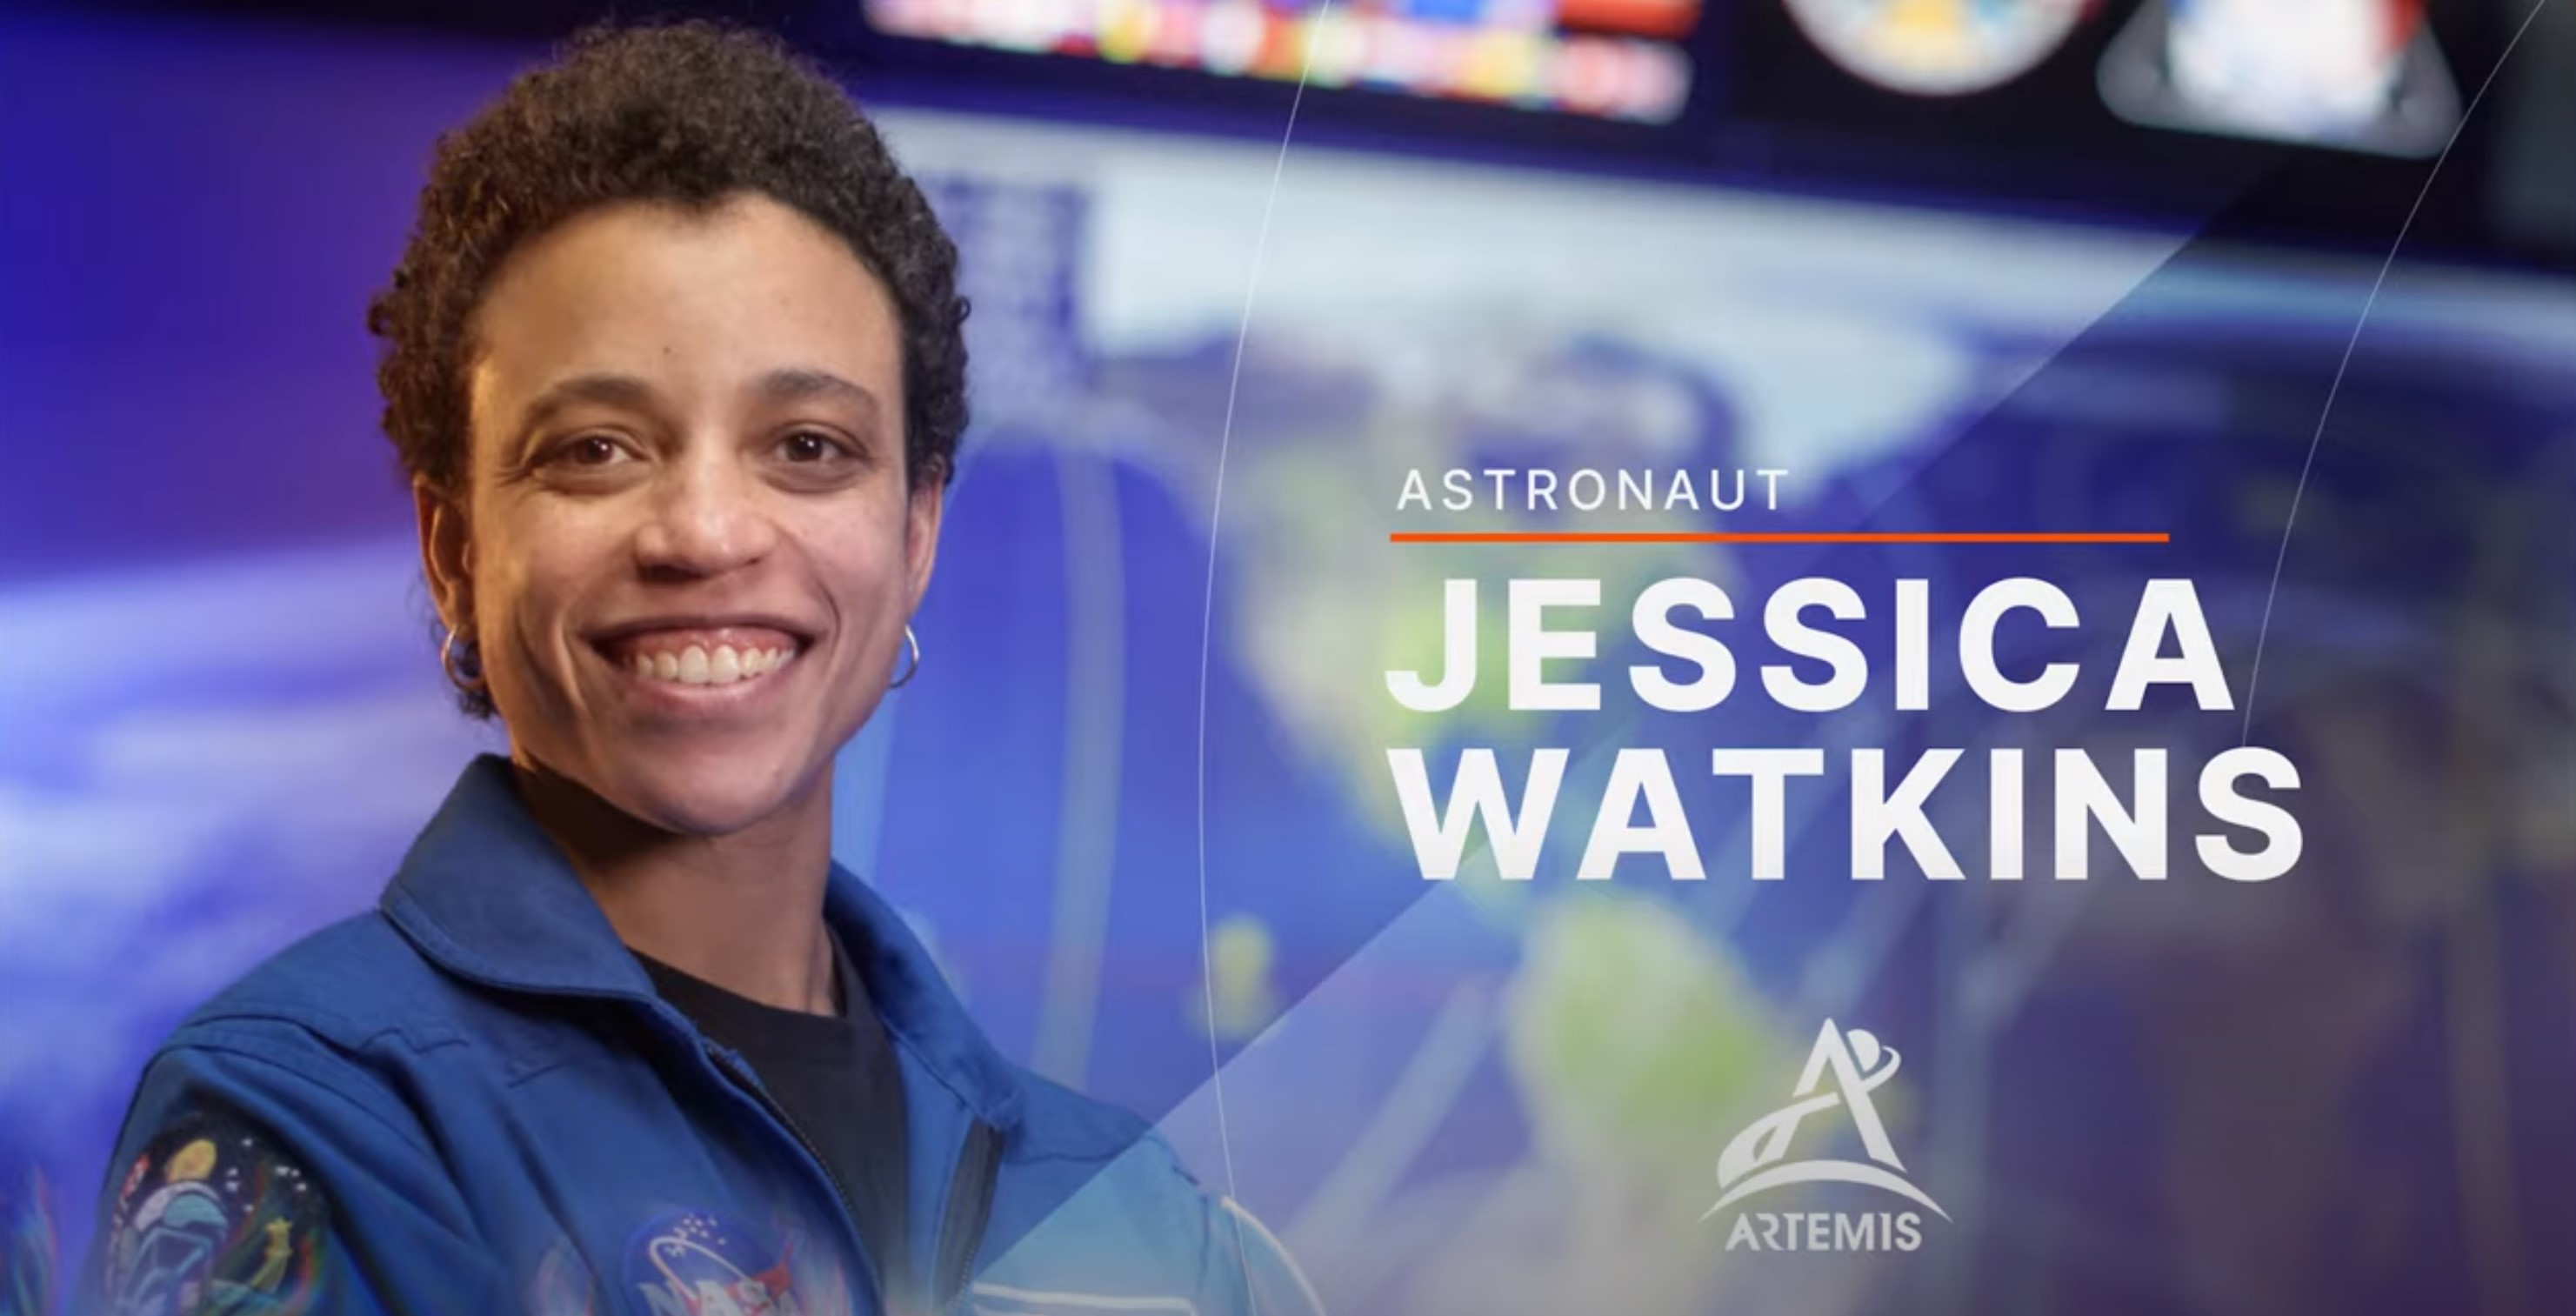 Jessica Watkins, NASA Astronaut